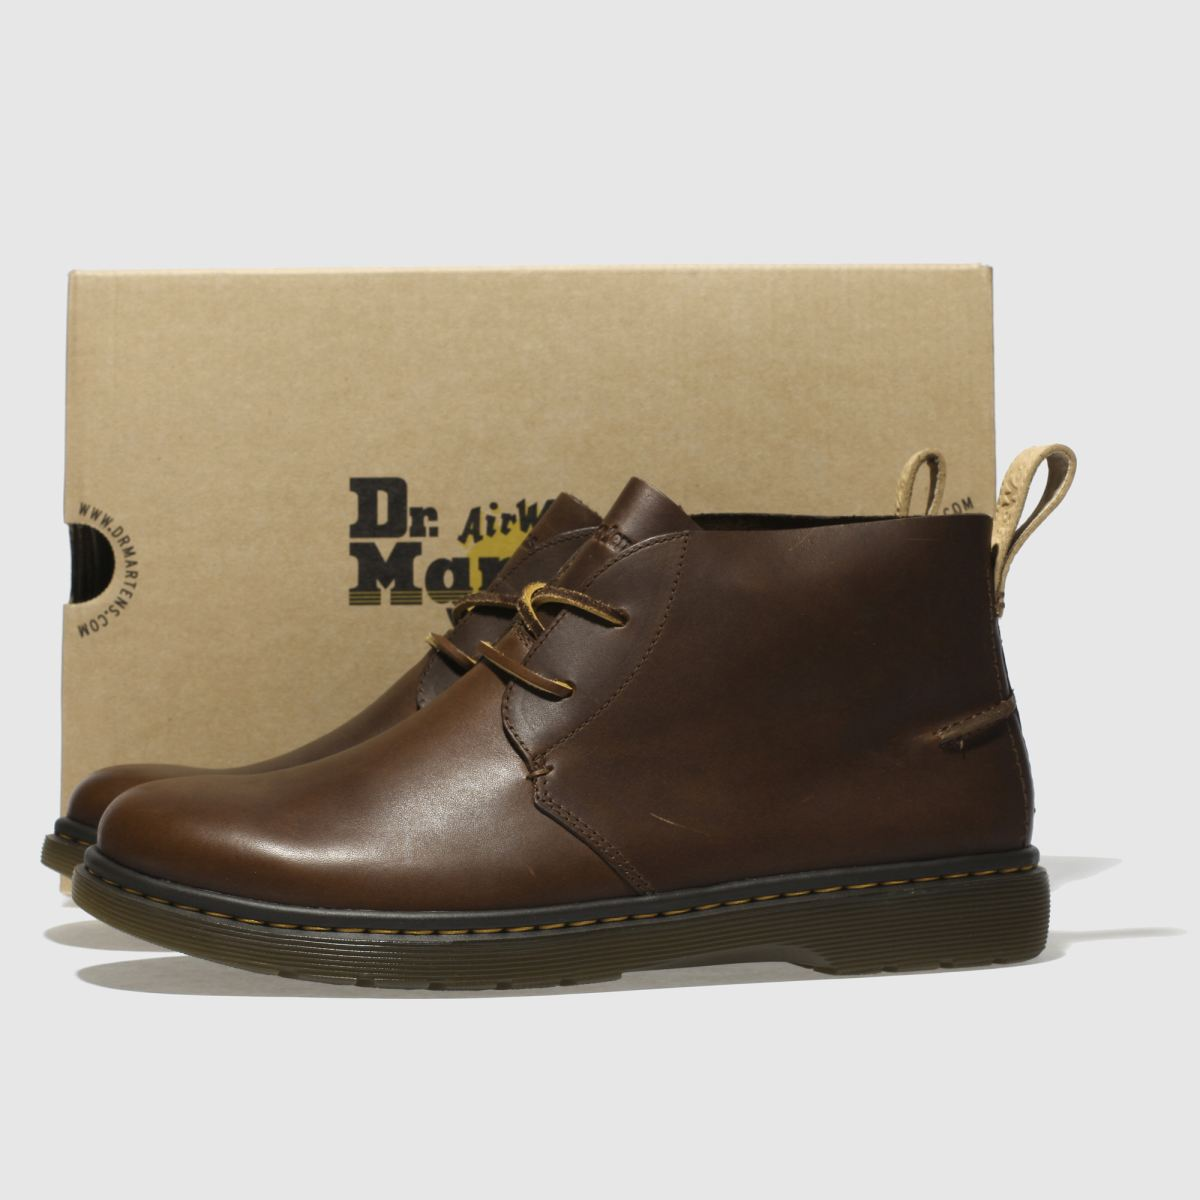 Herren Hellbraun Gute dr martens Ember Boots   schuh Gute Hellbraun Qualität beliebte Schuhe 87676b